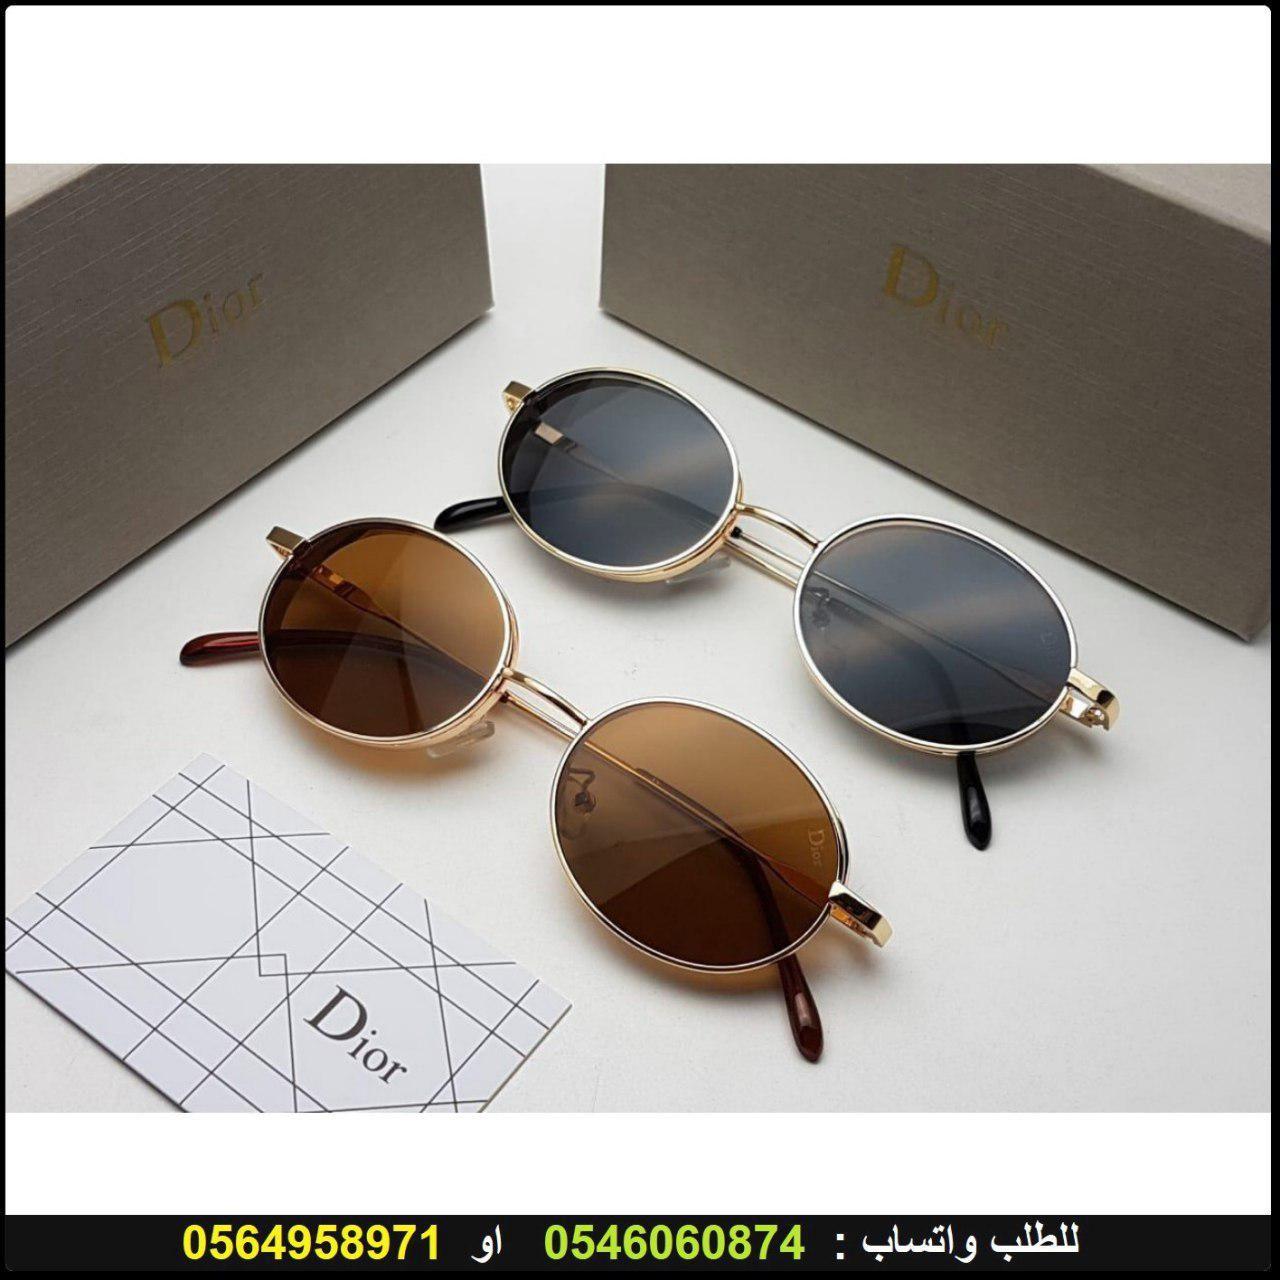 نظارات ديور رجاليه Dior درجه اولى مع جميع ملحقات الماركه و بنفس الاسم هدايا هنوف Round Sunglasses Square Sunglass Oval Sunglass